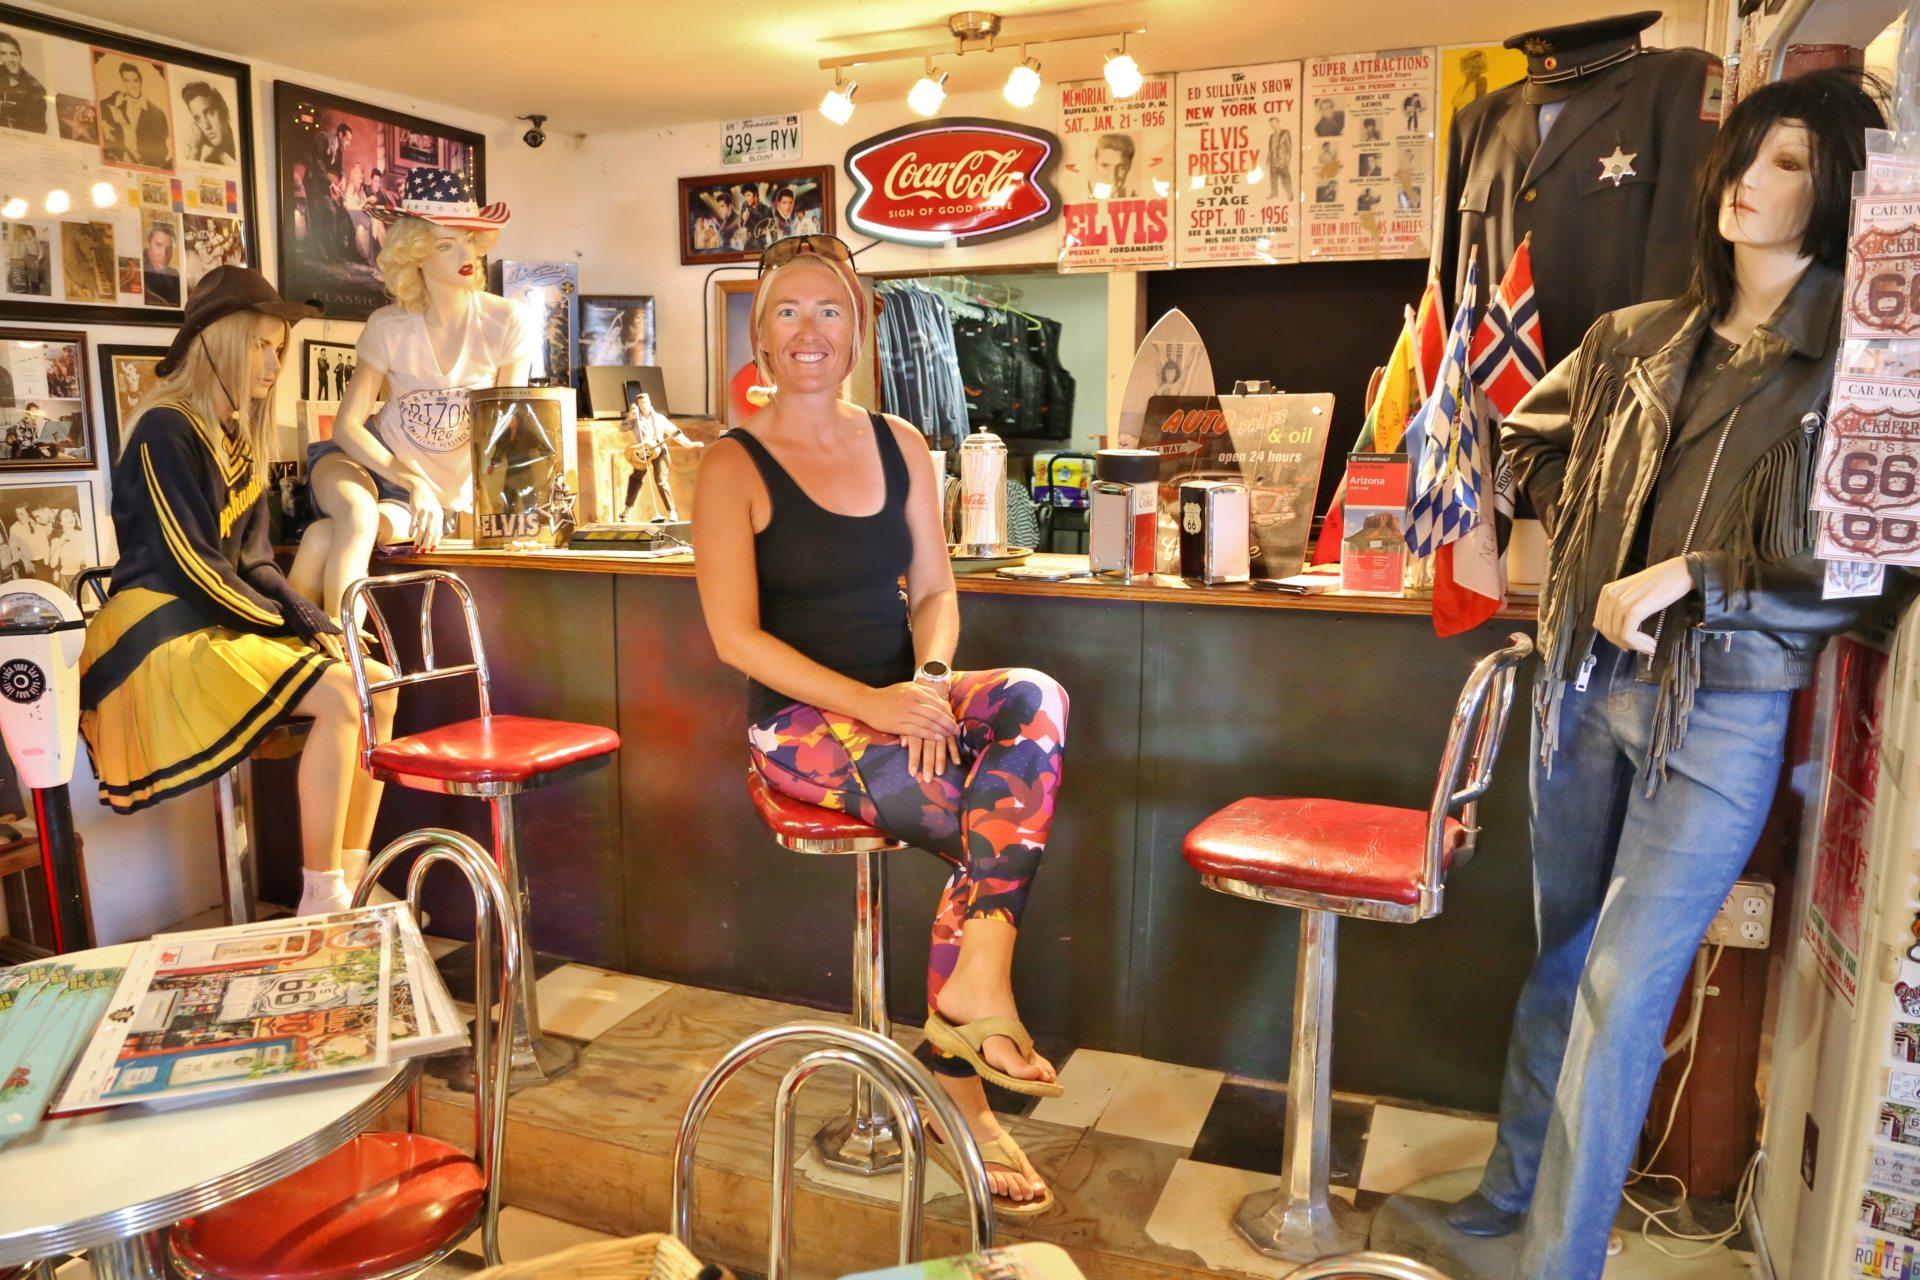 Im nächsten Leben werde ich Schaufensterpuppe - Arizona, Bar, Blondine, Hackberry General Store, malerisch, Personen, Portrait, Porträt, Schilder, Souvenierladen, Tafeln, traumhaft, Tresen - HOFBAUER-HOFMANN Sofia - (Hackberry, Arizona, Vereinigte Staaten)